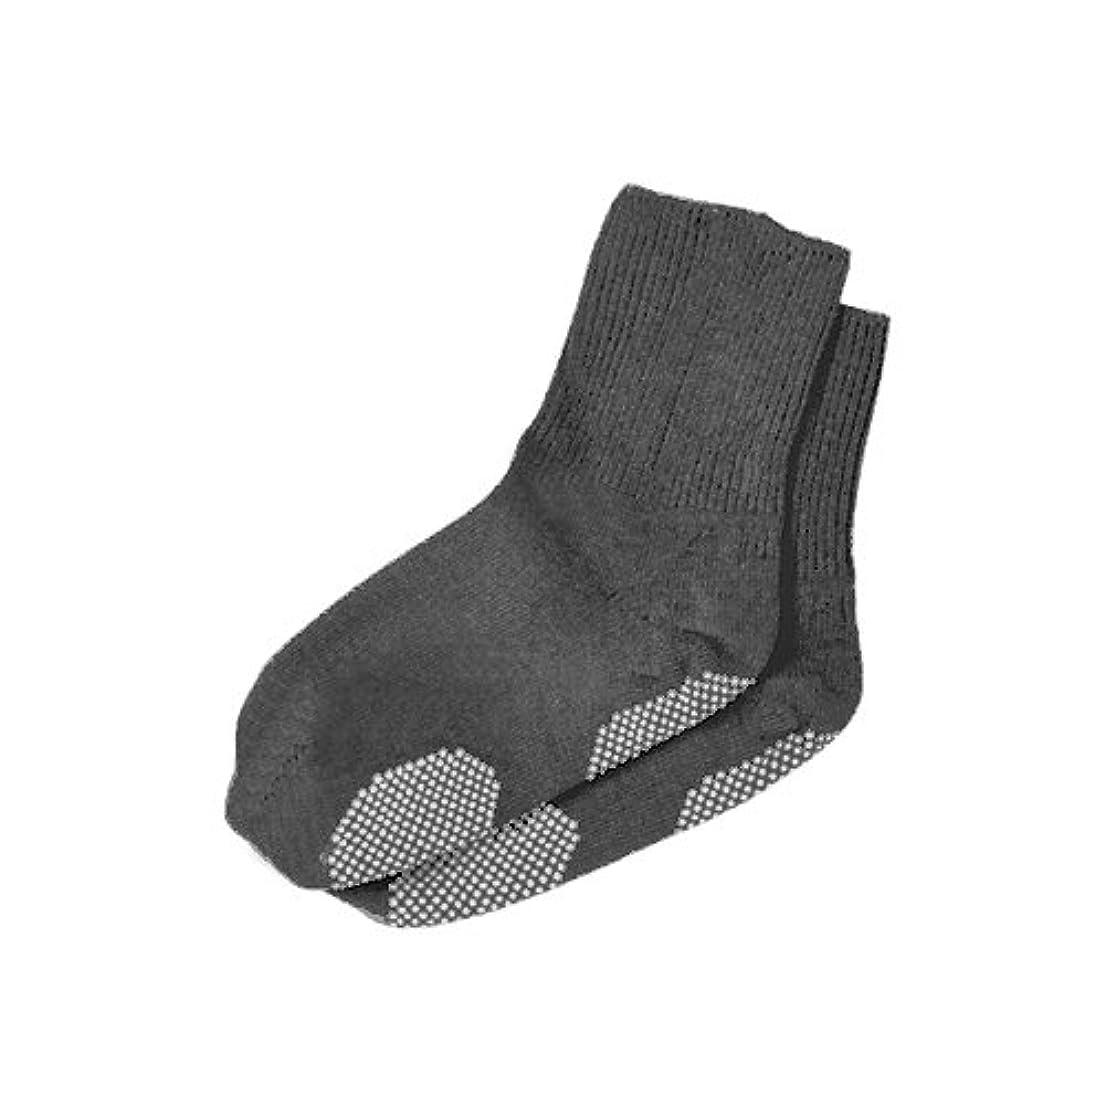 密度円周ペックエンゼル 履き口ゆるーい靴下 すべり止め付 22-24cm グレー